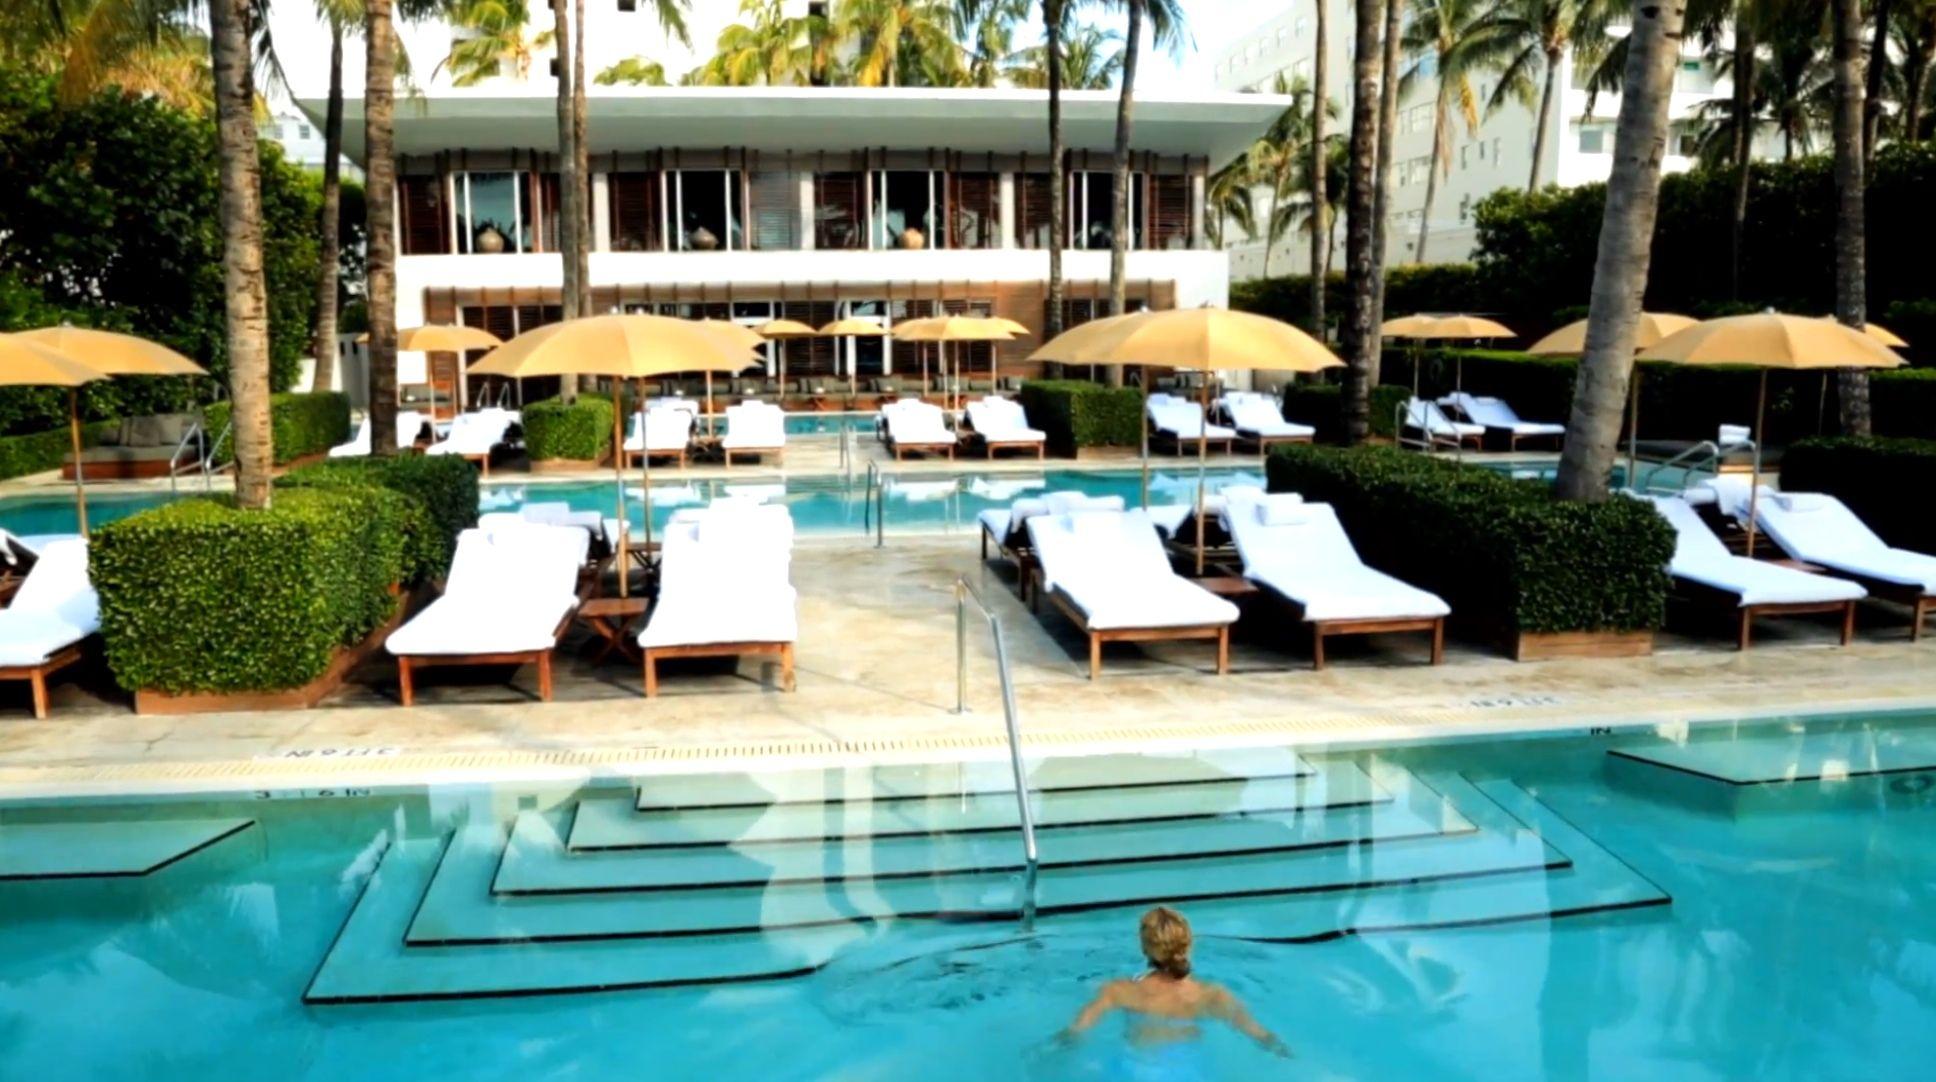 Pools at The Setai Miami Beach